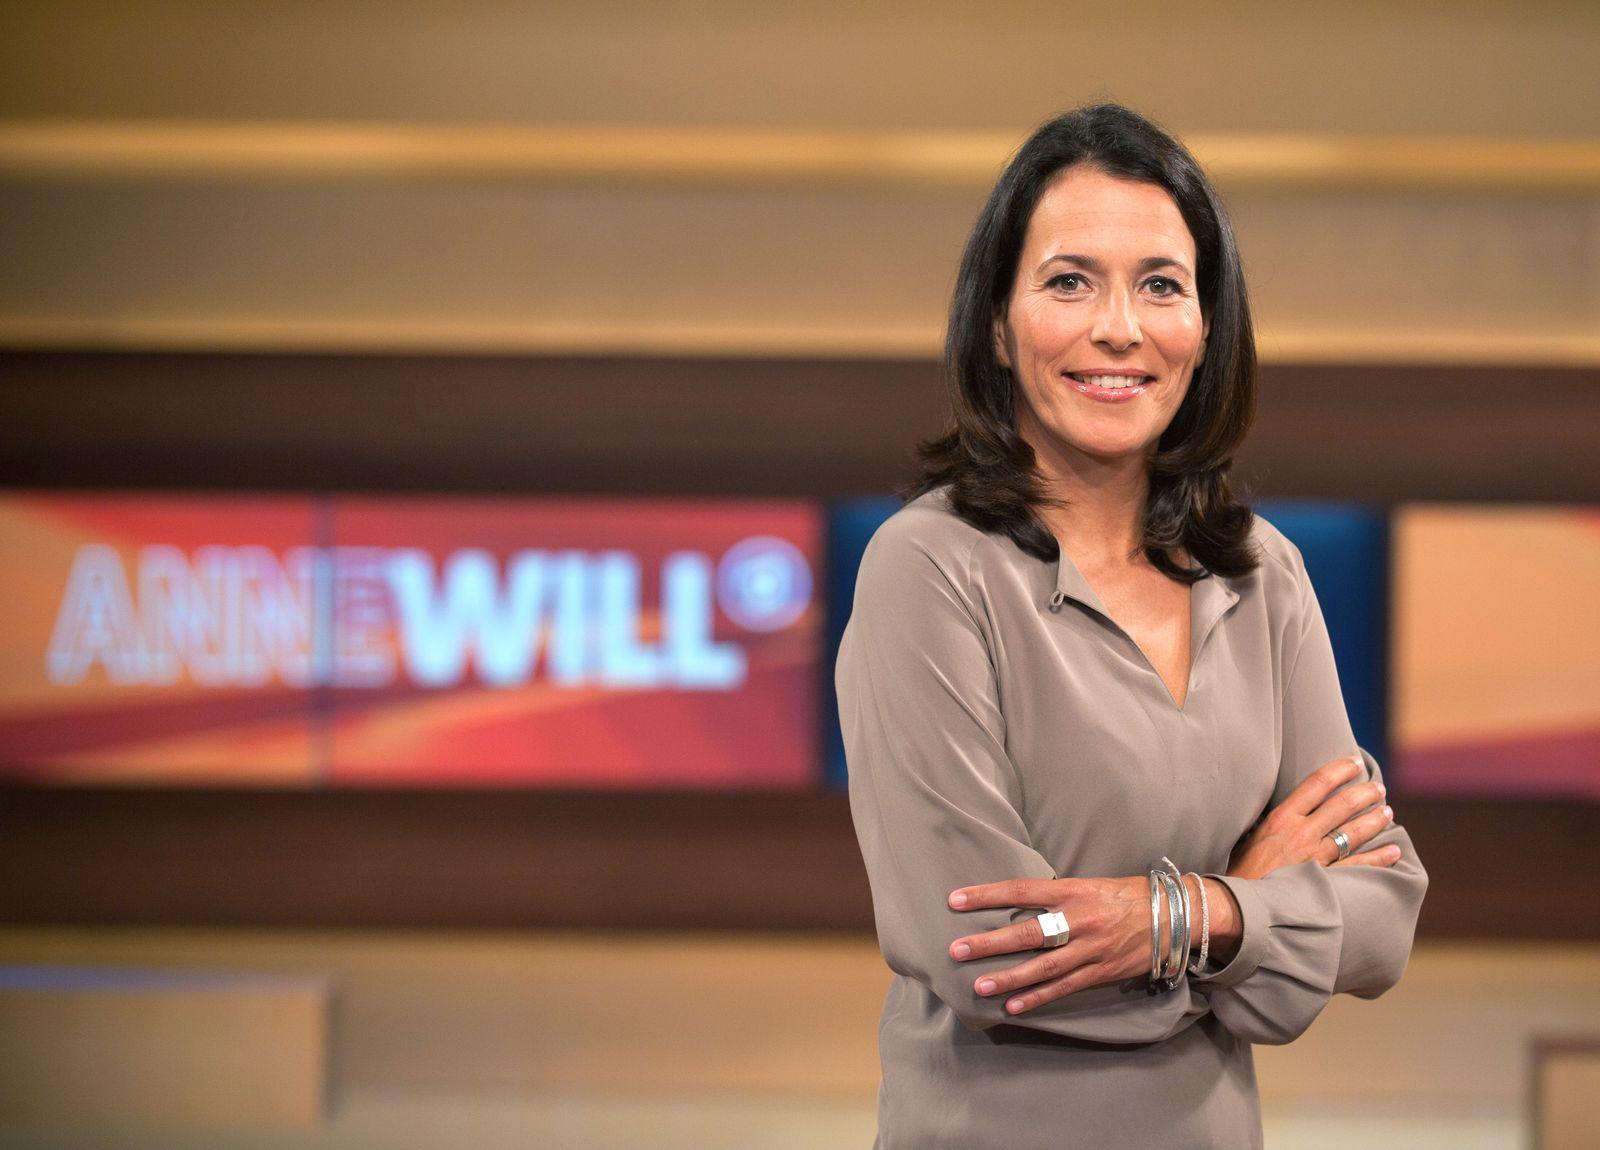 Anne Will / Studio